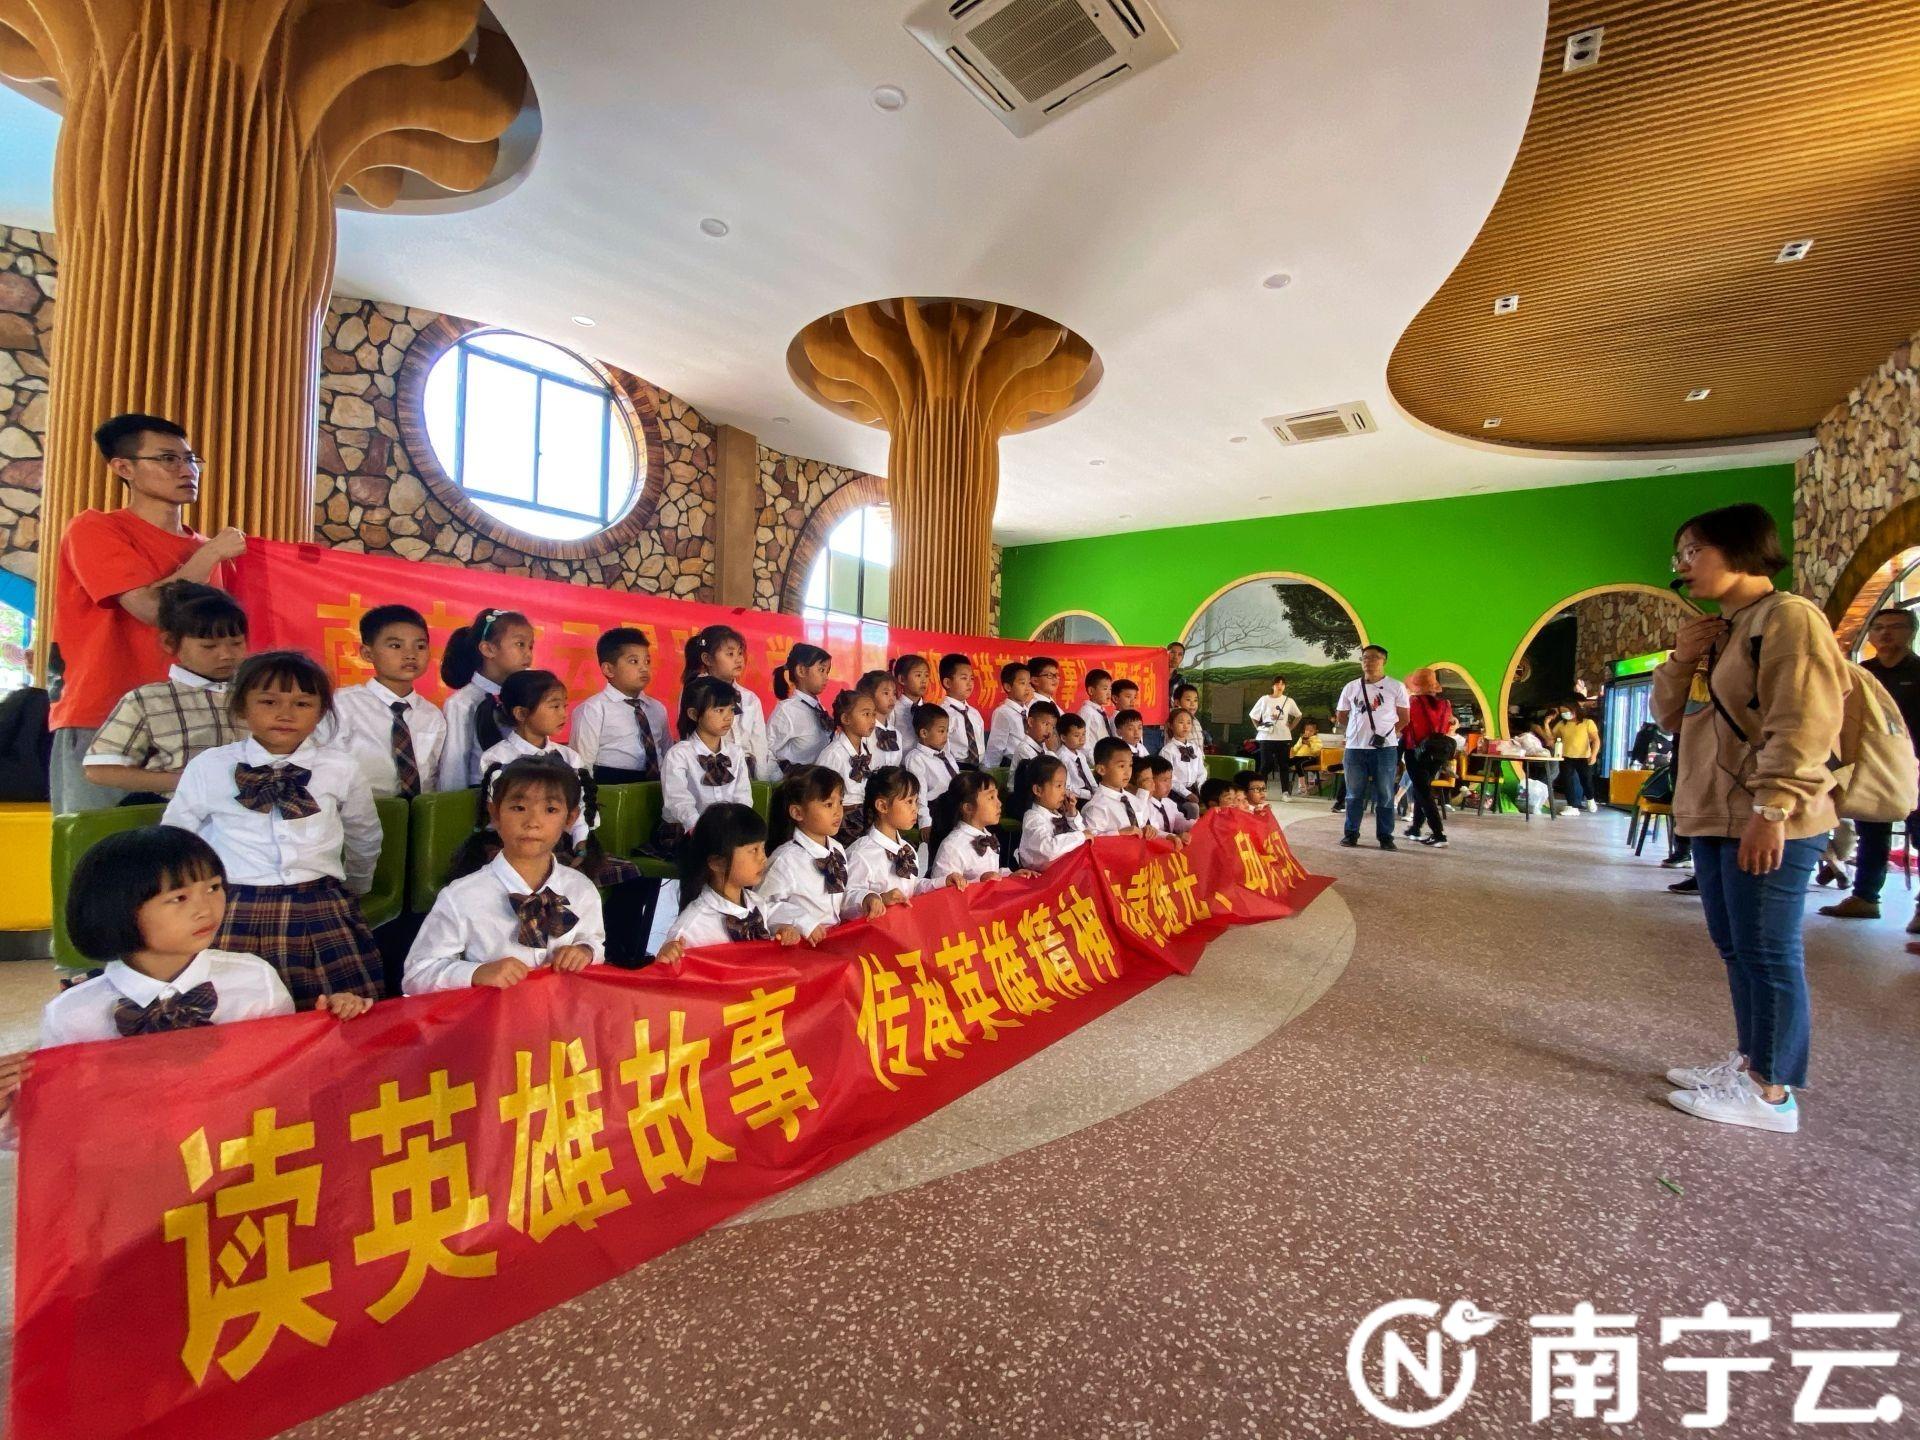 传承英雄精神!南宁市云景路小学举行纪念抗美援朝70周年主题班会